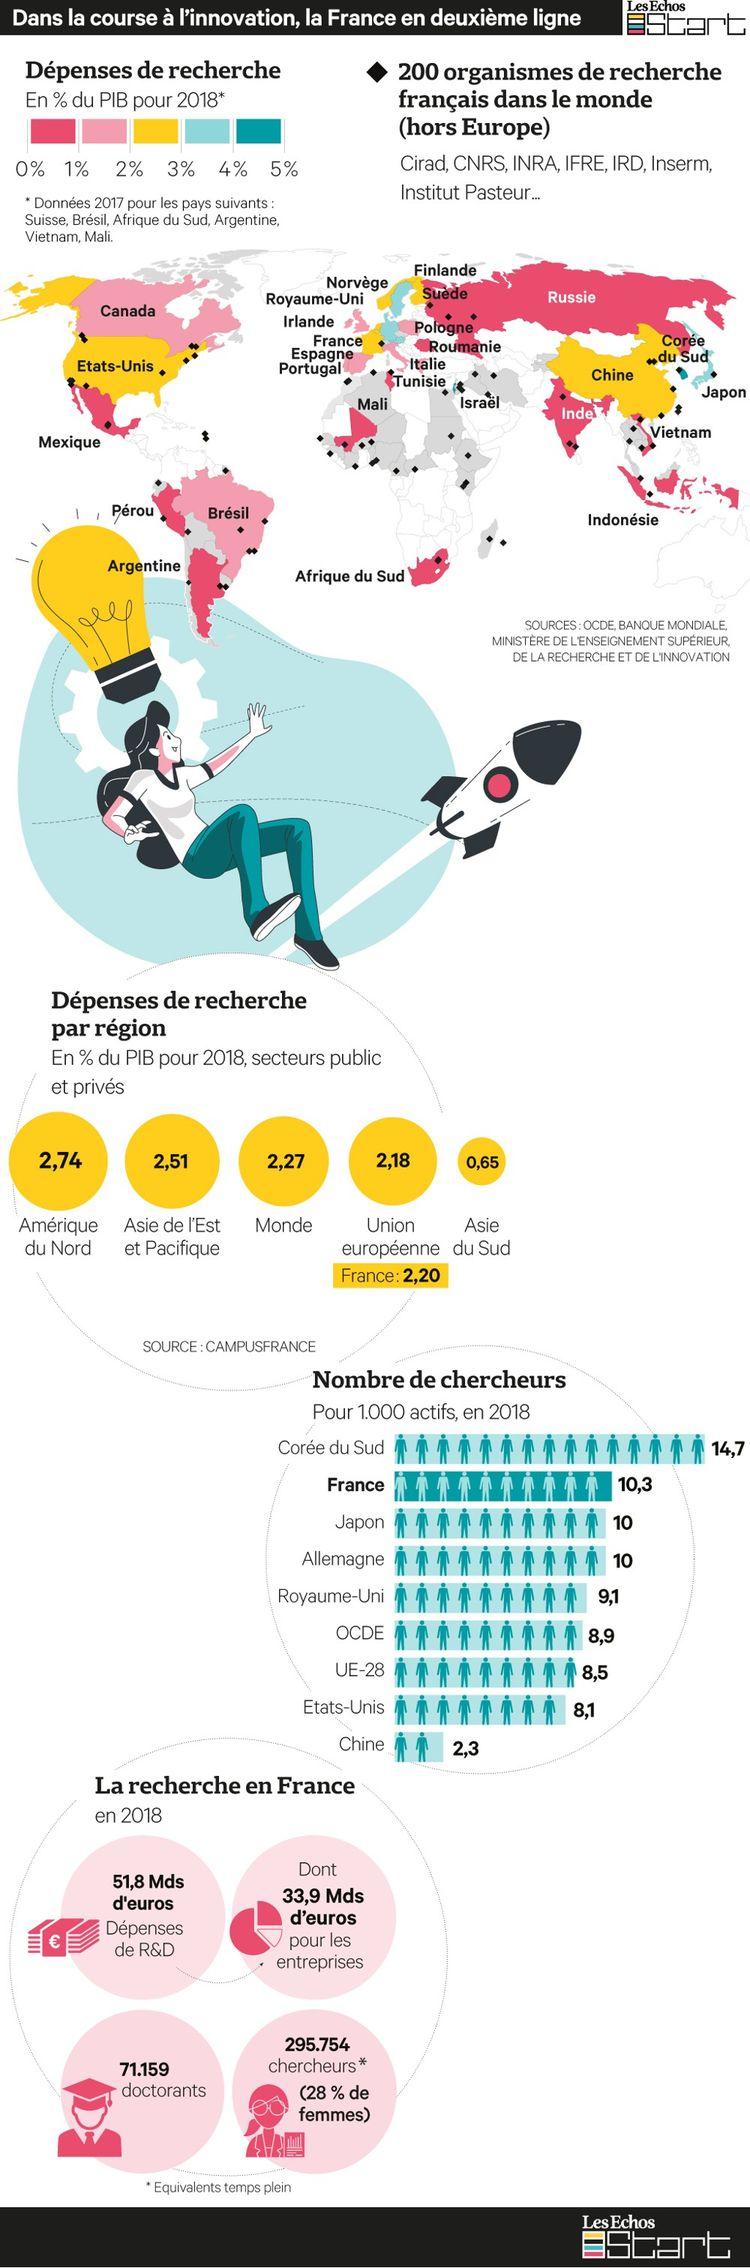 La France compte 200 établissements de recherches à travers le monde mais consacre moins de 3% de son PIB à la recherche.